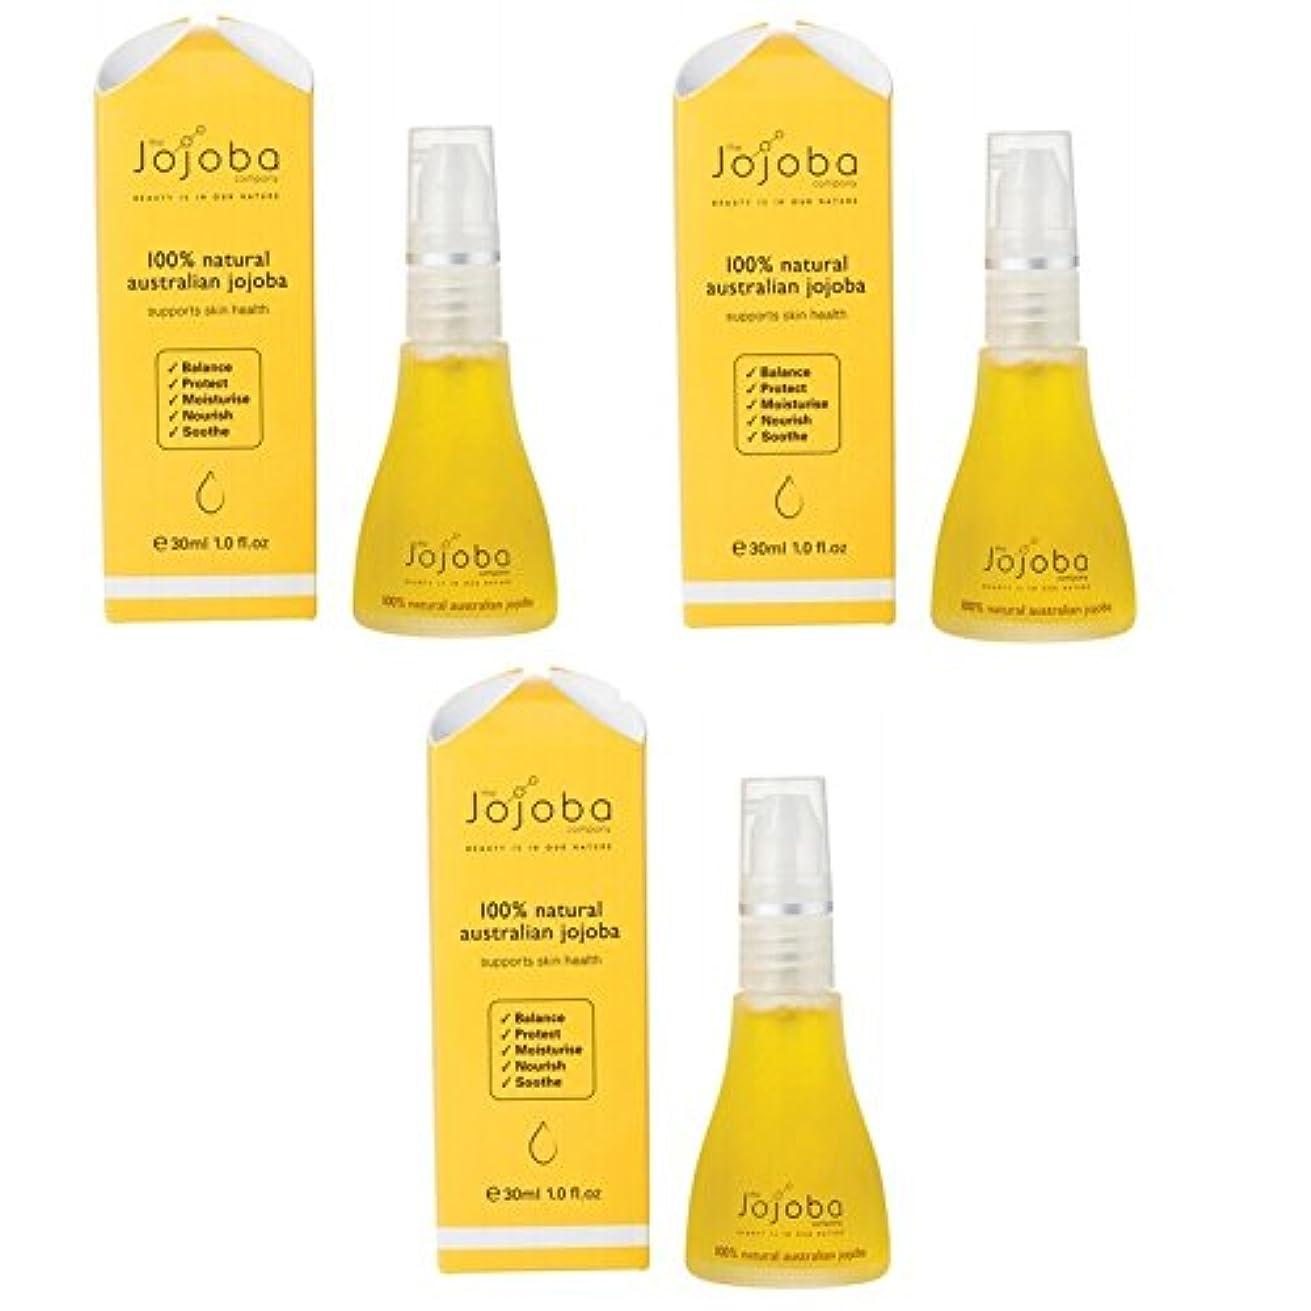 弾丸推測するバイオレットthe Jojoba Company 100% Natural Australian Jojoba Oil 30ml 3本セット [海外直送品]